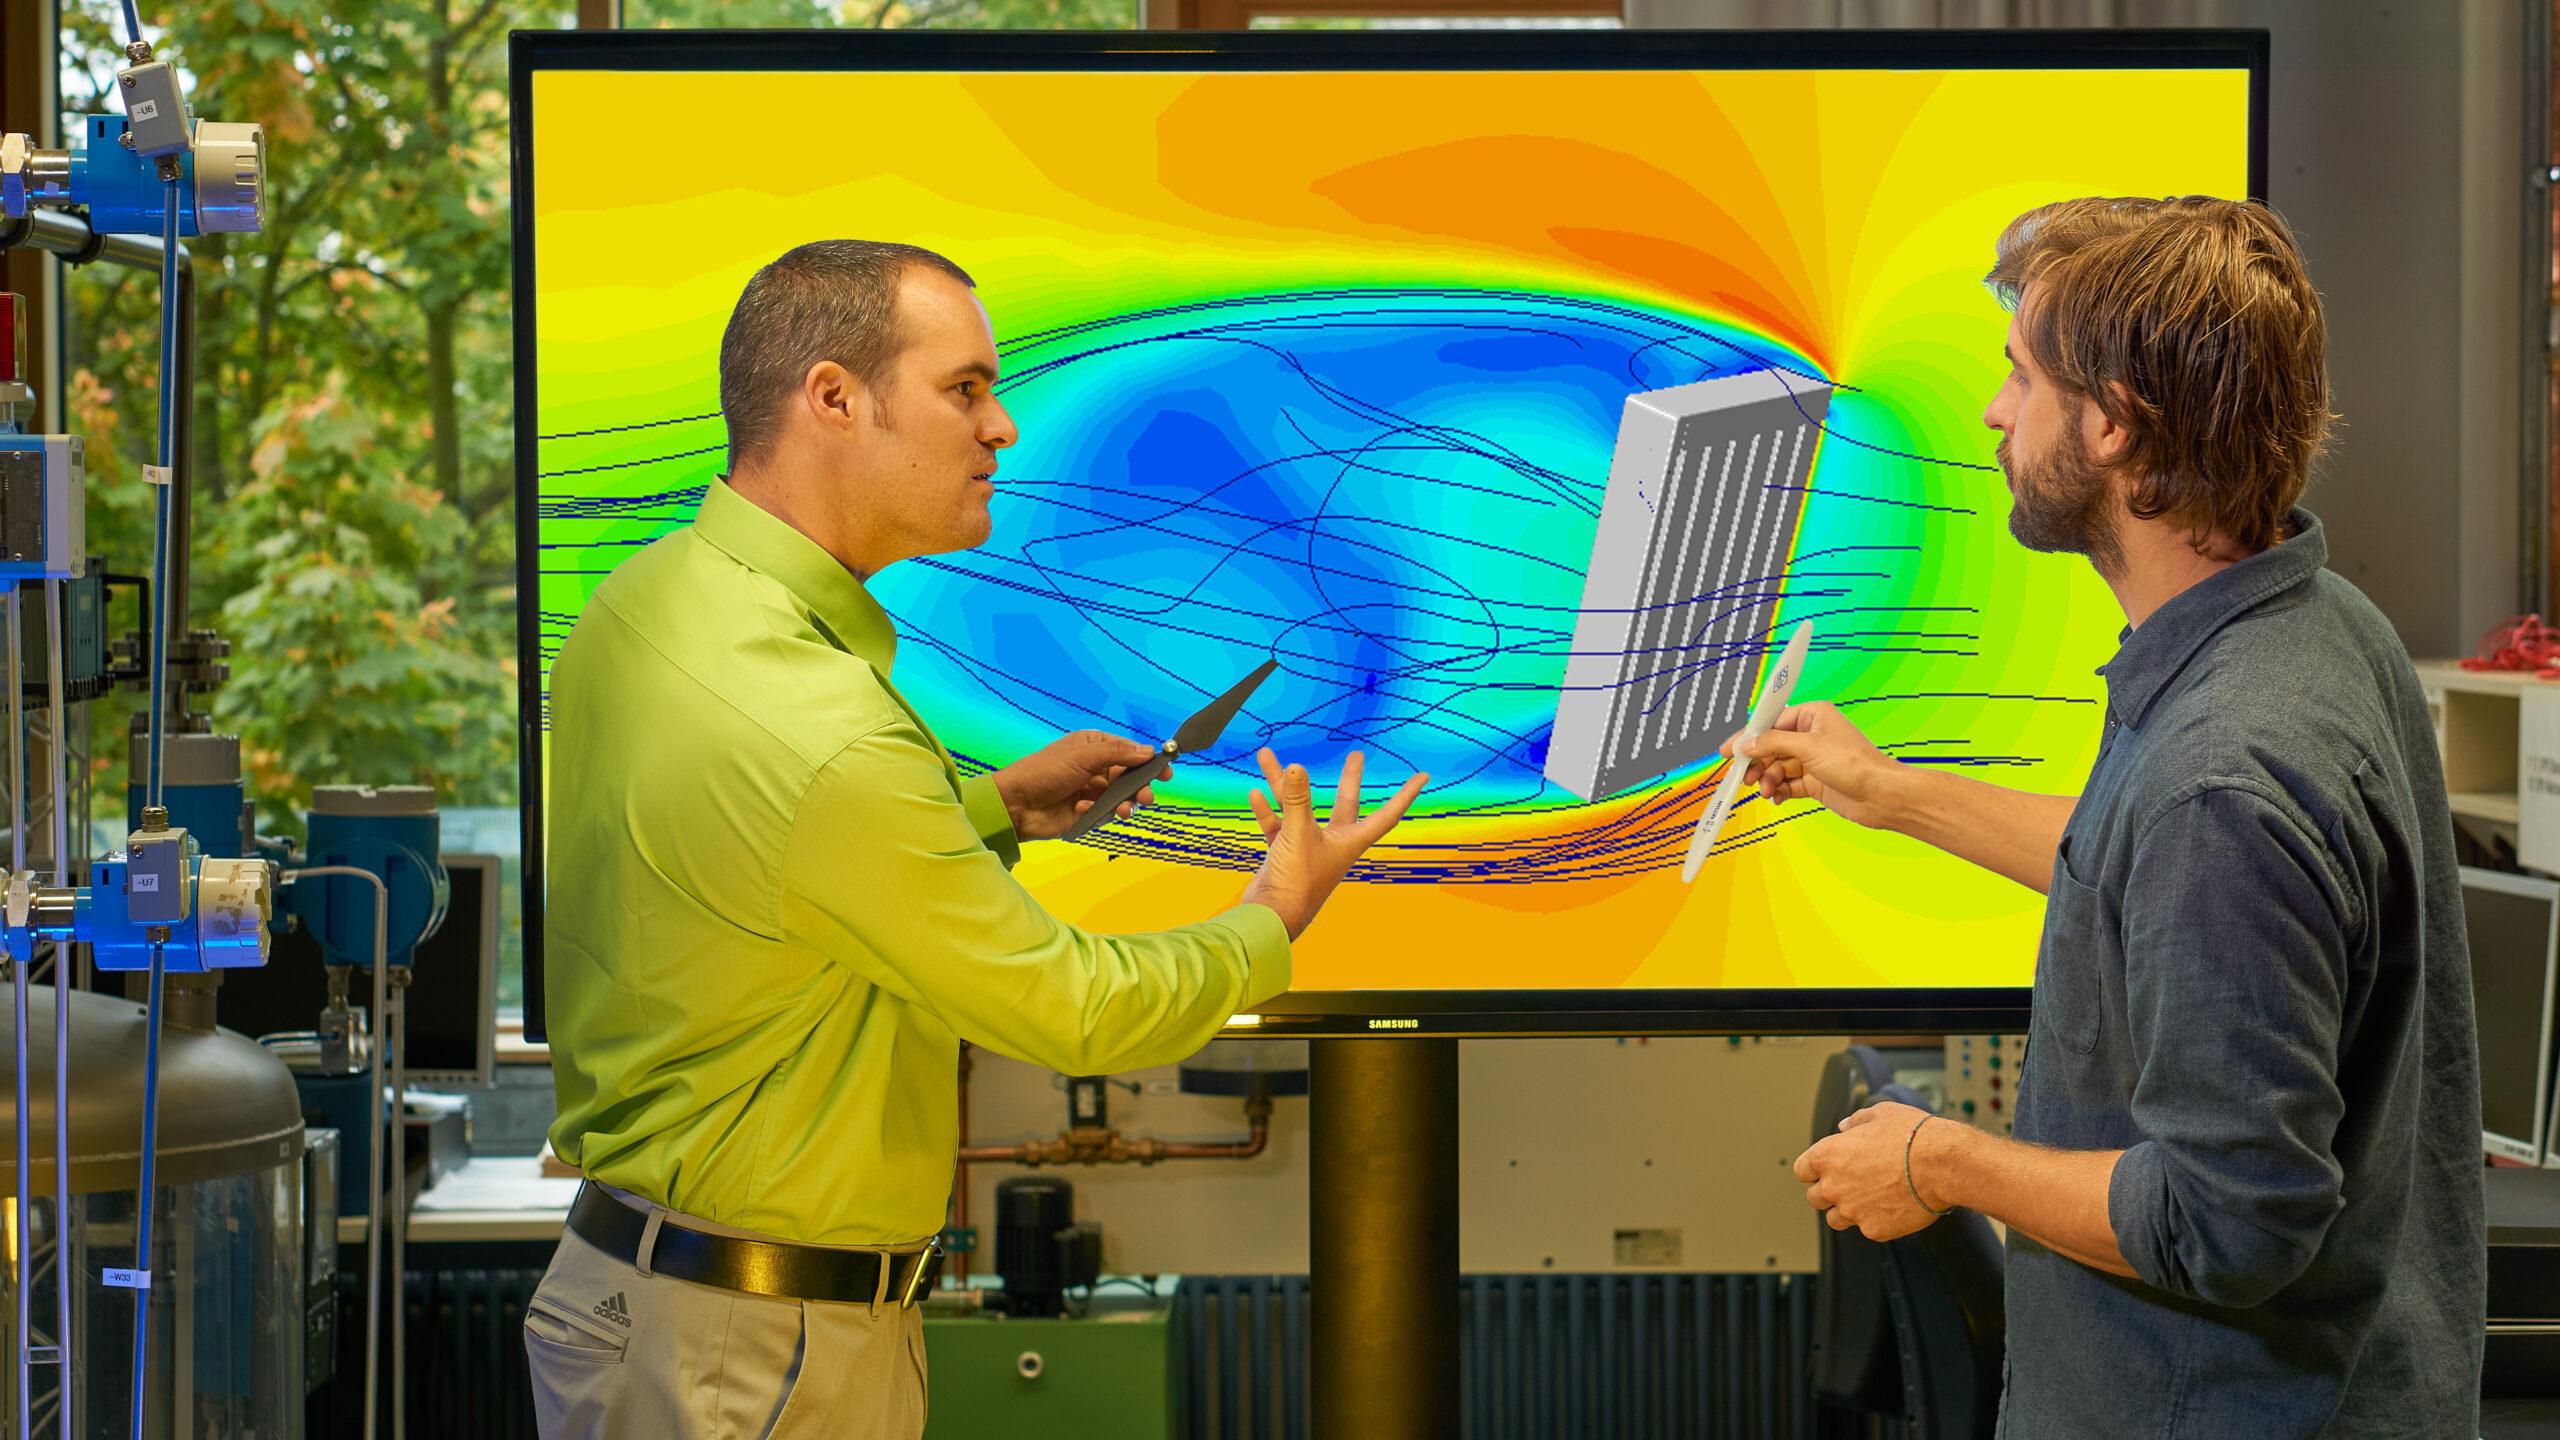 Die zwei Personen stehen vor einem einem Monitor auf welchem in verschiedenen Farben und Linien die Strömungen in einer Biogasanlage, die durch ein Rührwerk verursacht werden, dargestellt sind.